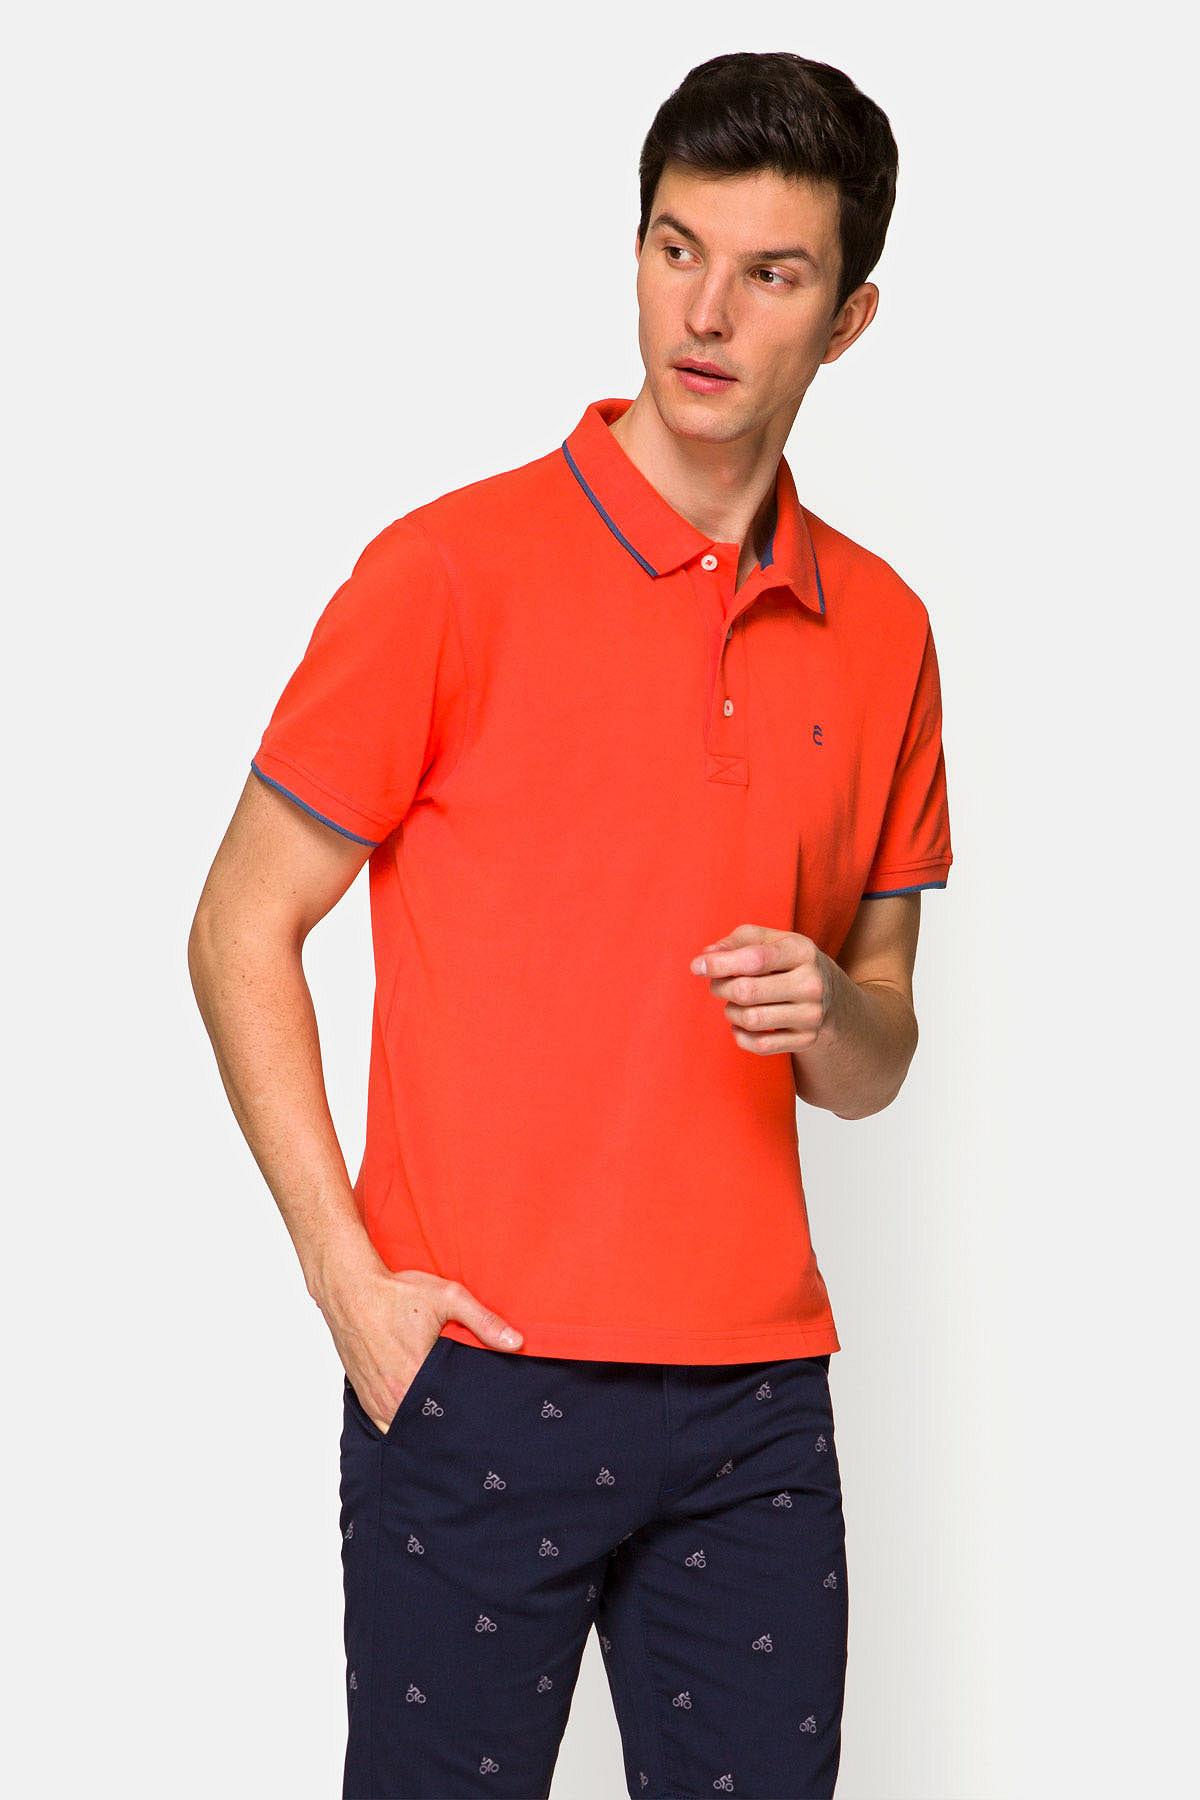 Koszulka Ciemno-łososiowa Polo Dominic rozmiar 2XL; L; M; XL